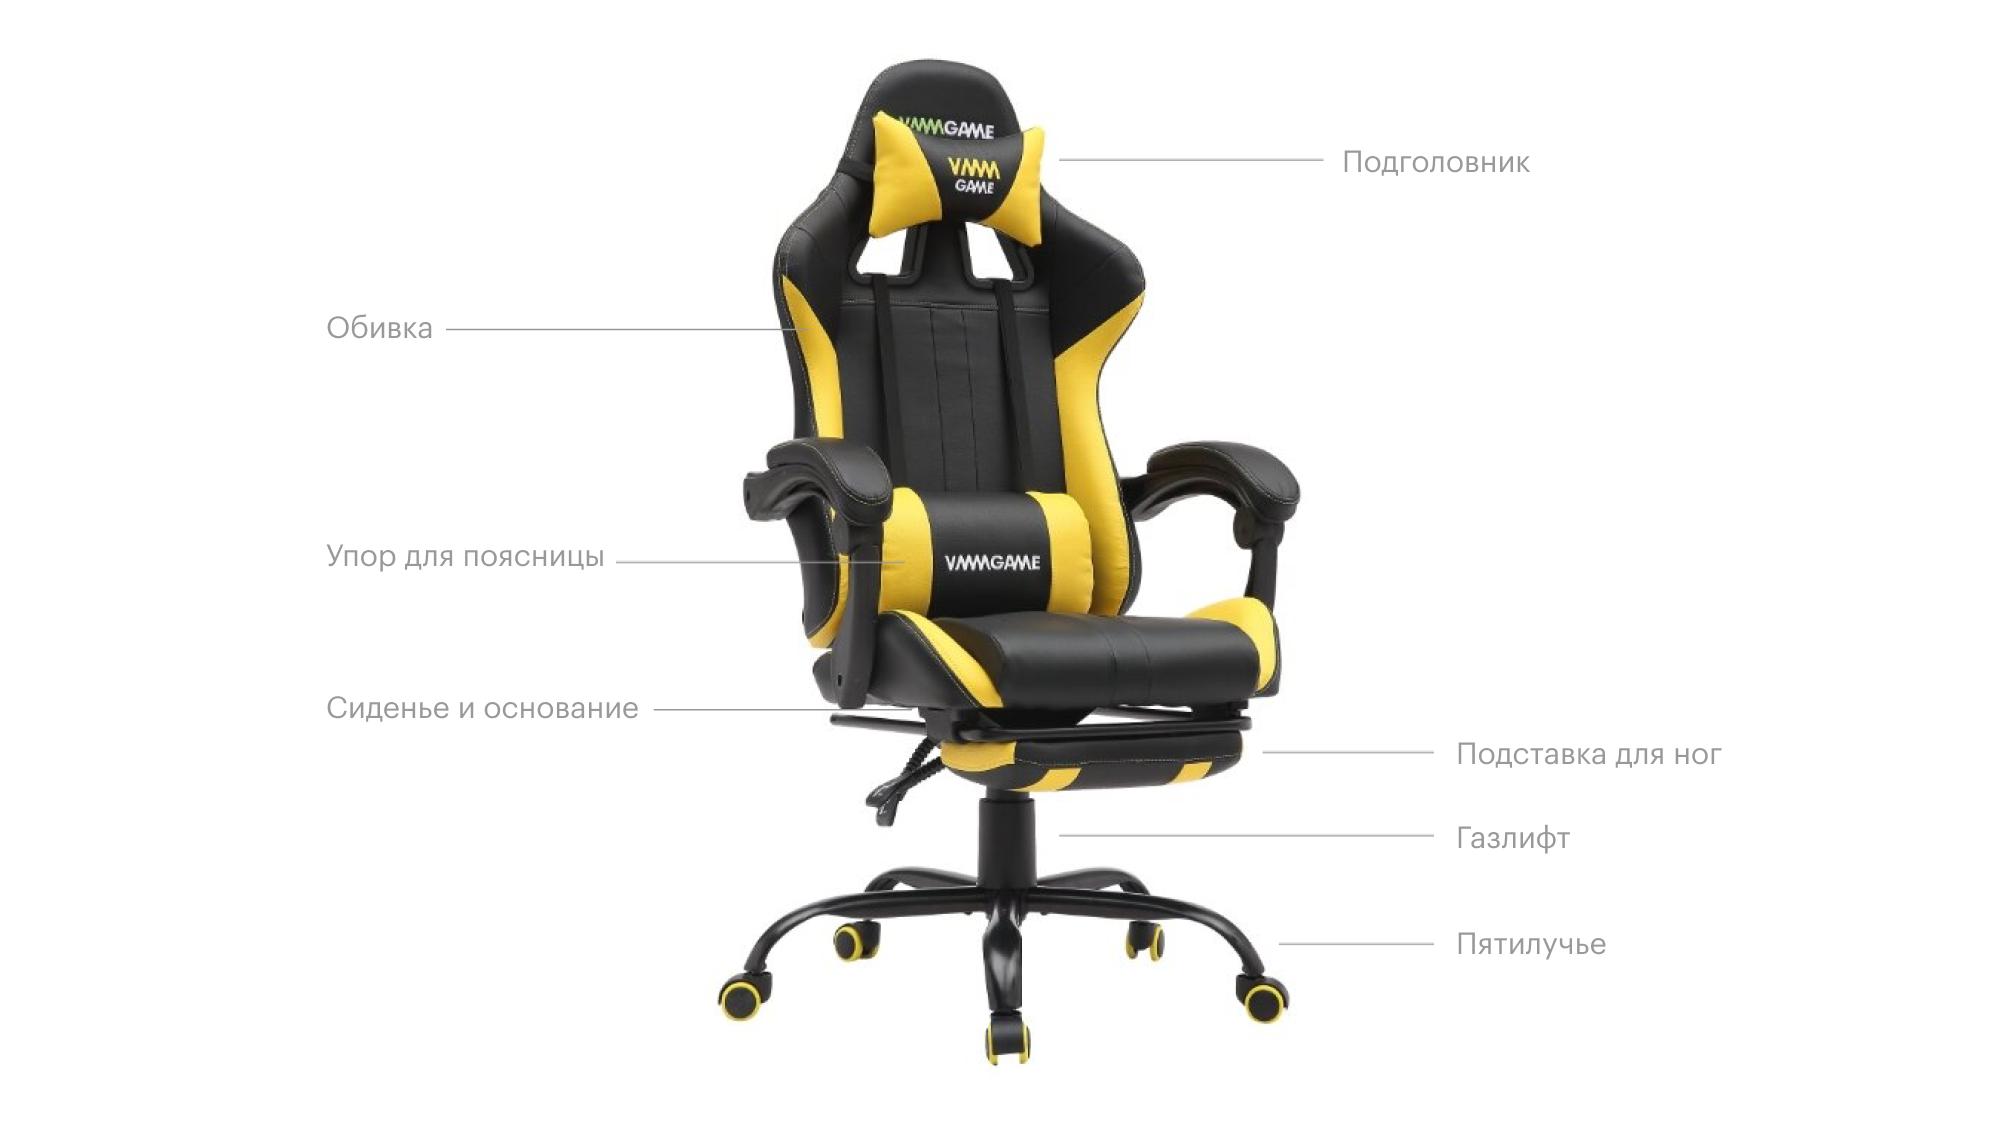 Это геймерское кресло — обычно их можно тонко настроить подсебя